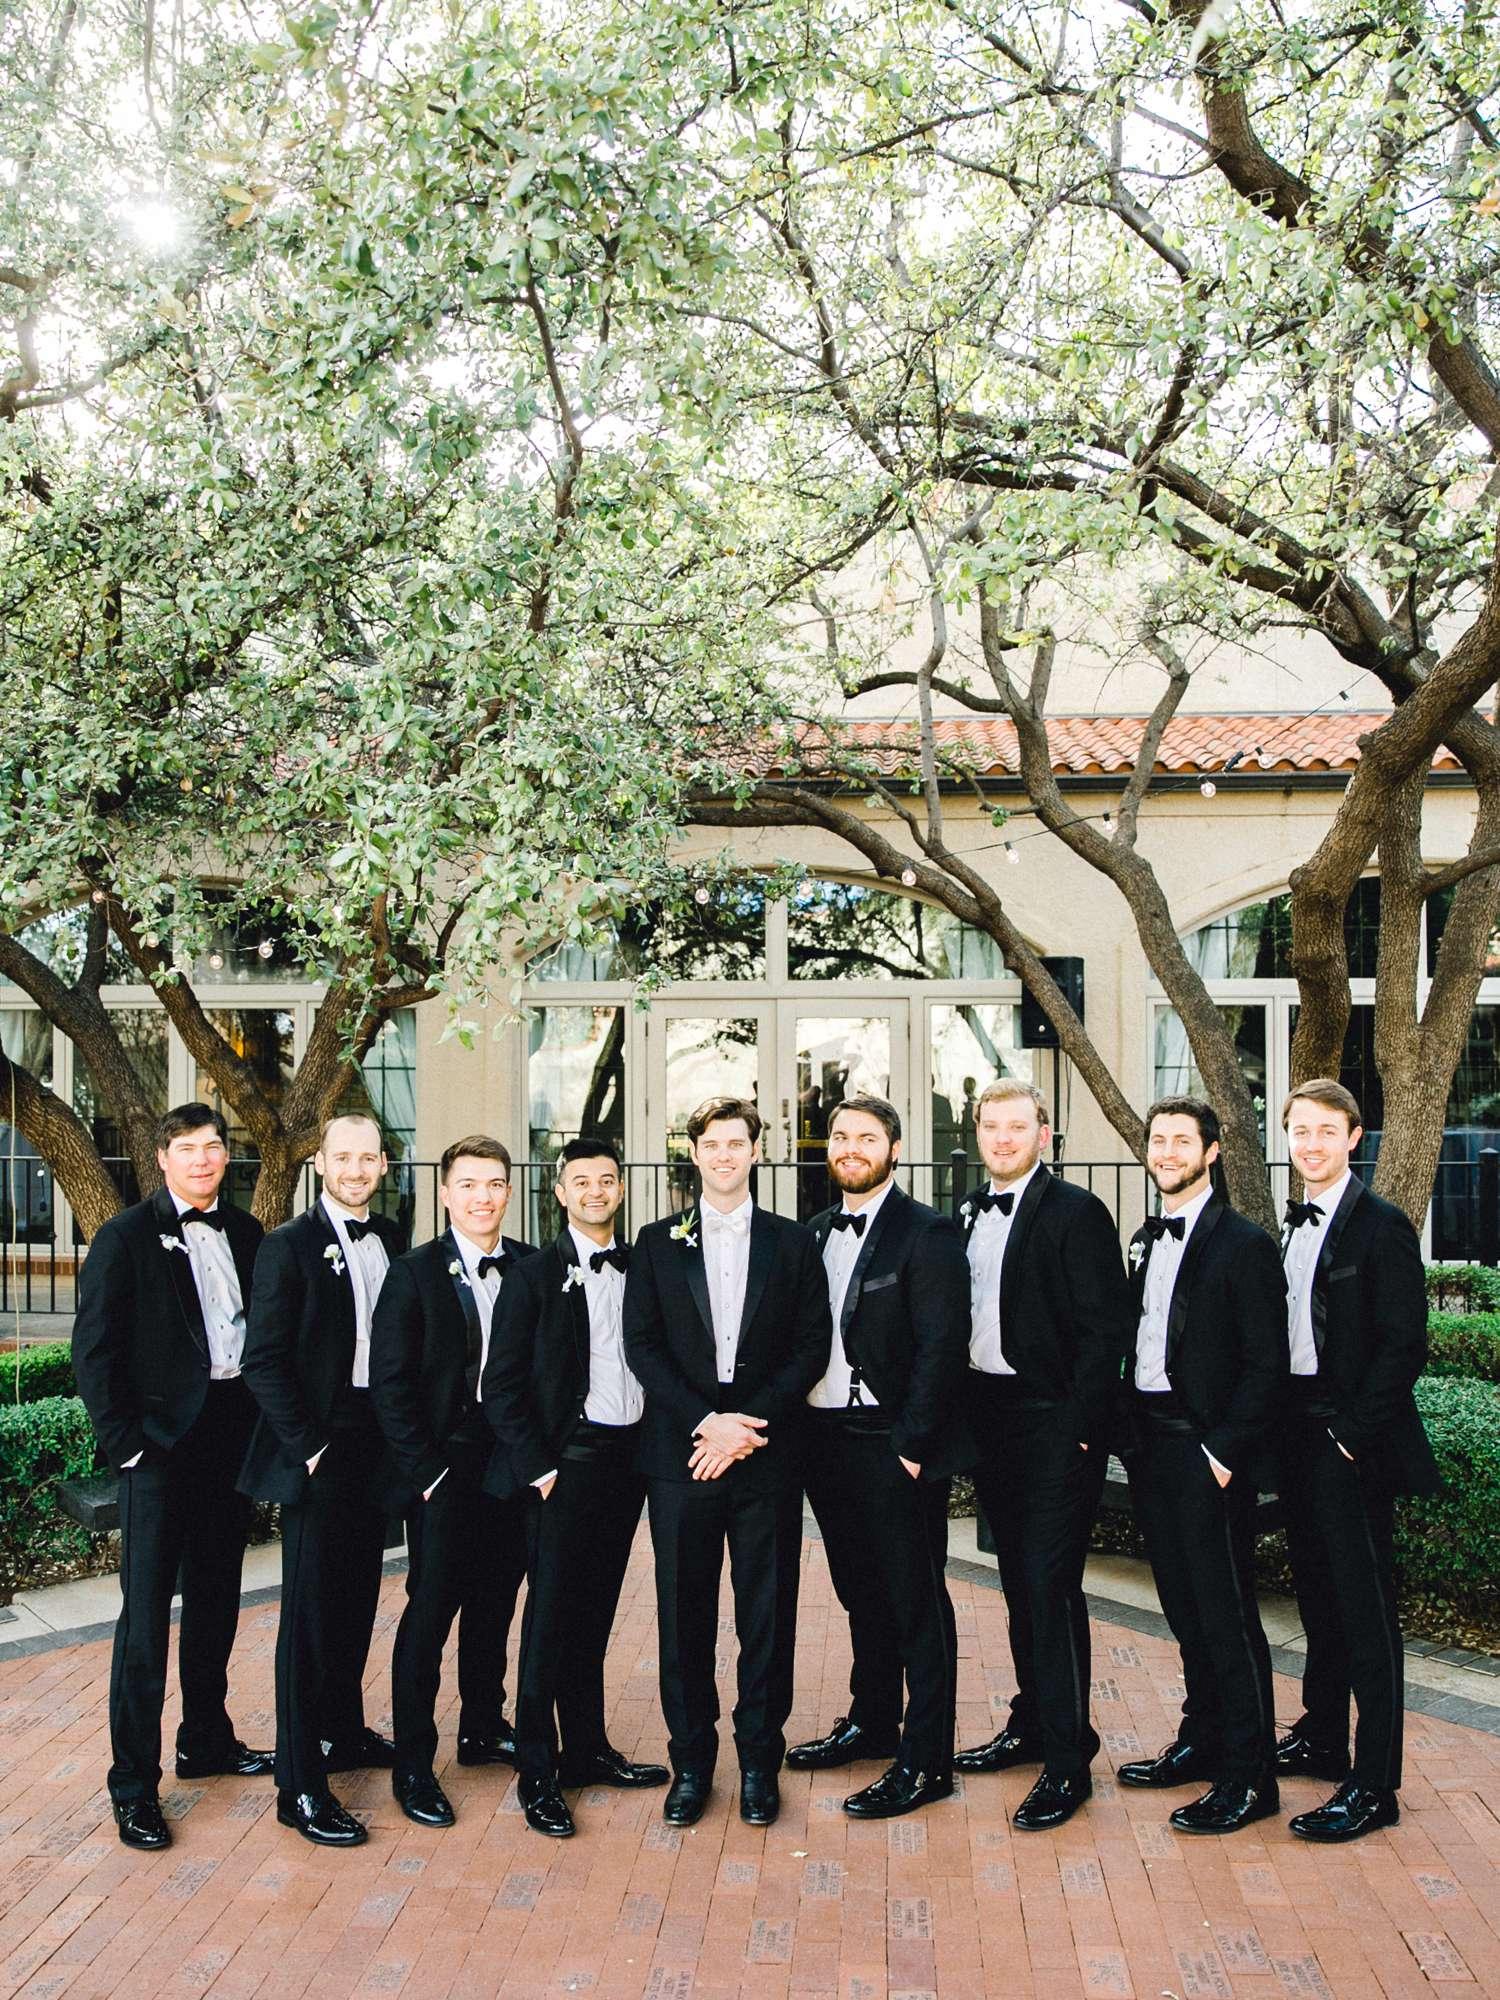 MARLEE+LLOYD+MORGAN+ALLEEJ+TEXAS+TECH+MERKET+ALUMNI+WEDDINGS+LUBBOCK+WEST+TABLE+CLASSIC+SPAIN_0079.jpg